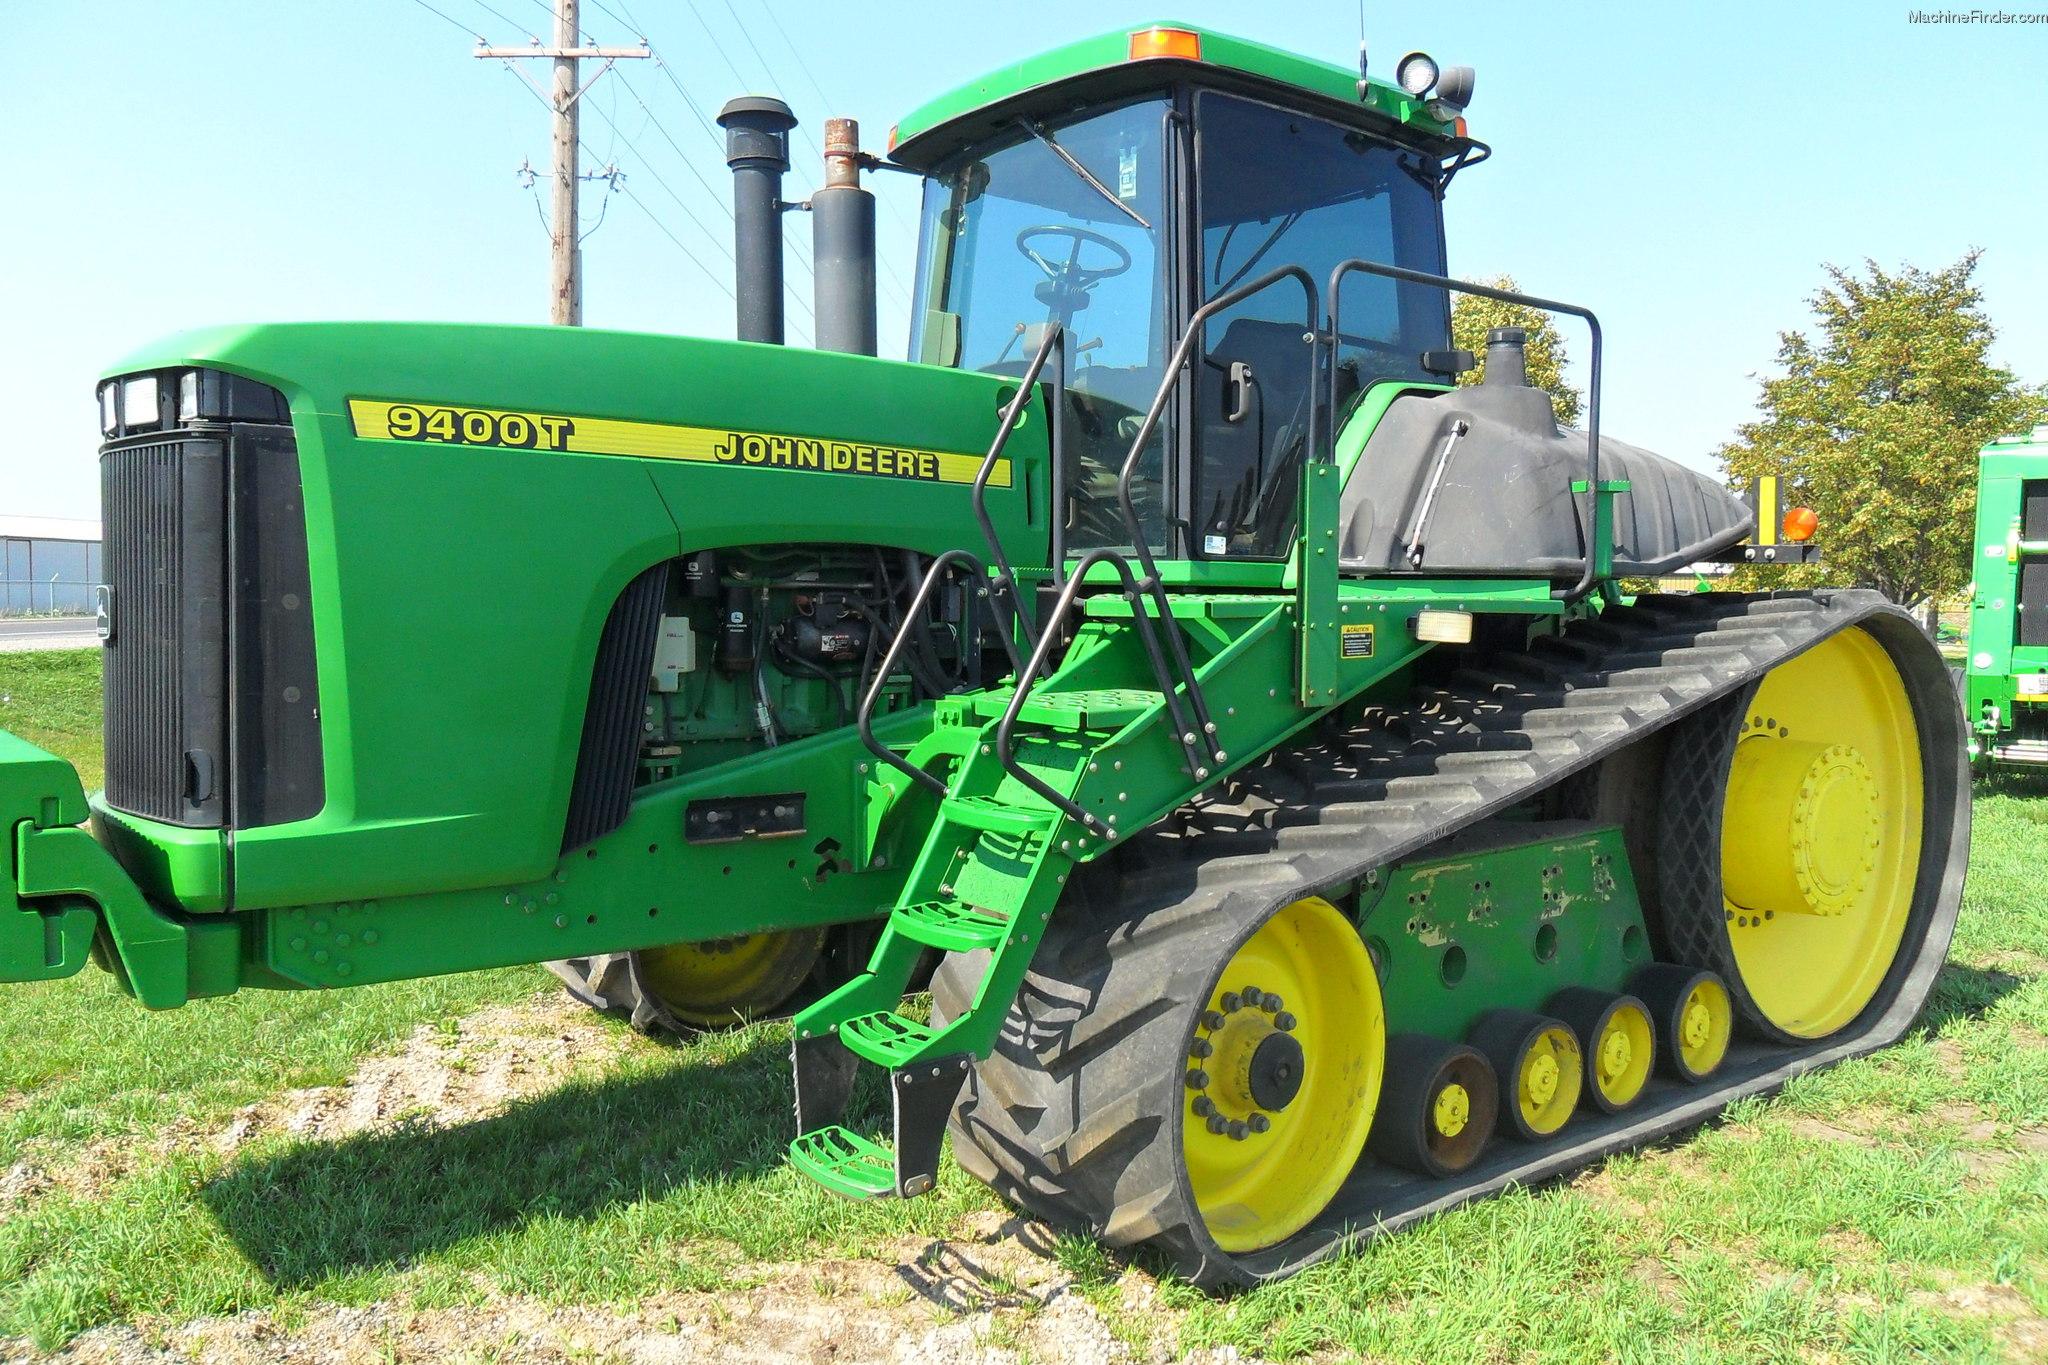 1999 John Deere 9400T Tractors - Row Crop (+100hp) - John ...